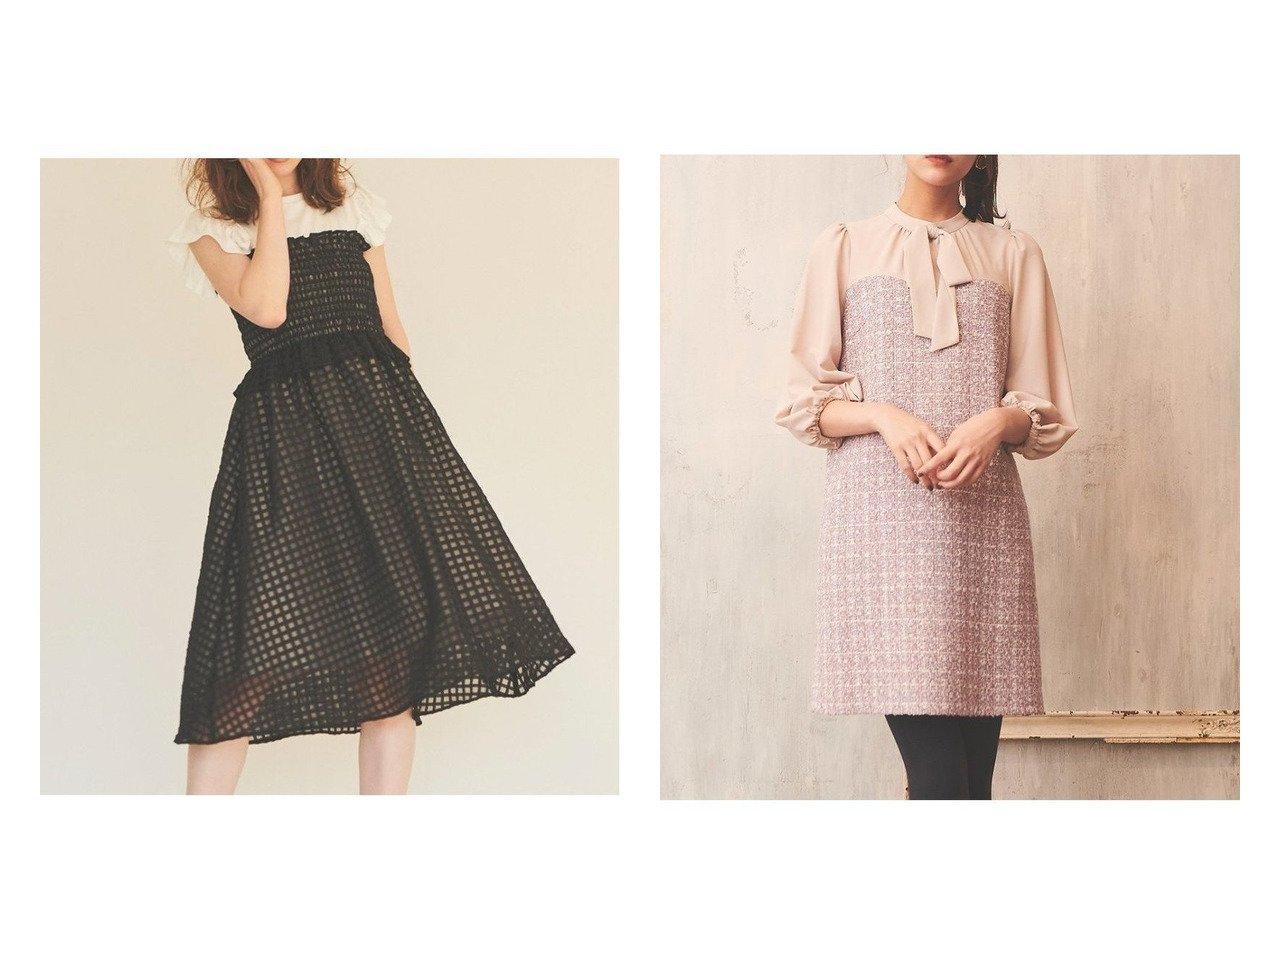 【31 Sons de mode/トランテアン ソン ドゥ モード】のツイードサックワンピース&Tシャツ付きギンガムワンピース ワンピース・ドレスのおすすめ!人気、トレンド・レディースファッションの通販  おすすめで人気の流行・トレンド、ファッションの通販商品 メンズファッション・キッズファッション・インテリア・家具・レディースファッション・服の通販 founy(ファニー) https://founy.com/ ファッション Fashion レディースファッション WOMEN ワンピース Dress NEW・新作・新着・新入荷 New Arrivals 2021年 2021 2021 春夏 S/S SS Spring/Summer 2021 S/S 春夏 SS Spring/Summer ギンガム 半袖 アクセサリー ガーリー ギャザー クラシカル シューズ ジョーゼット スリーブ チェスターコート ツイード ドッキング 長袖 フェミニン フラット ミュール ラベンダー 冬 Winter A/W 秋冬 AW Autumn/Winter / FW Fall-Winter 2020年 2020 2020-2021 秋冬 A/W AW Autumn/Winter / FW Fall-Winter 2020-2021 |ID:crp329100000010079